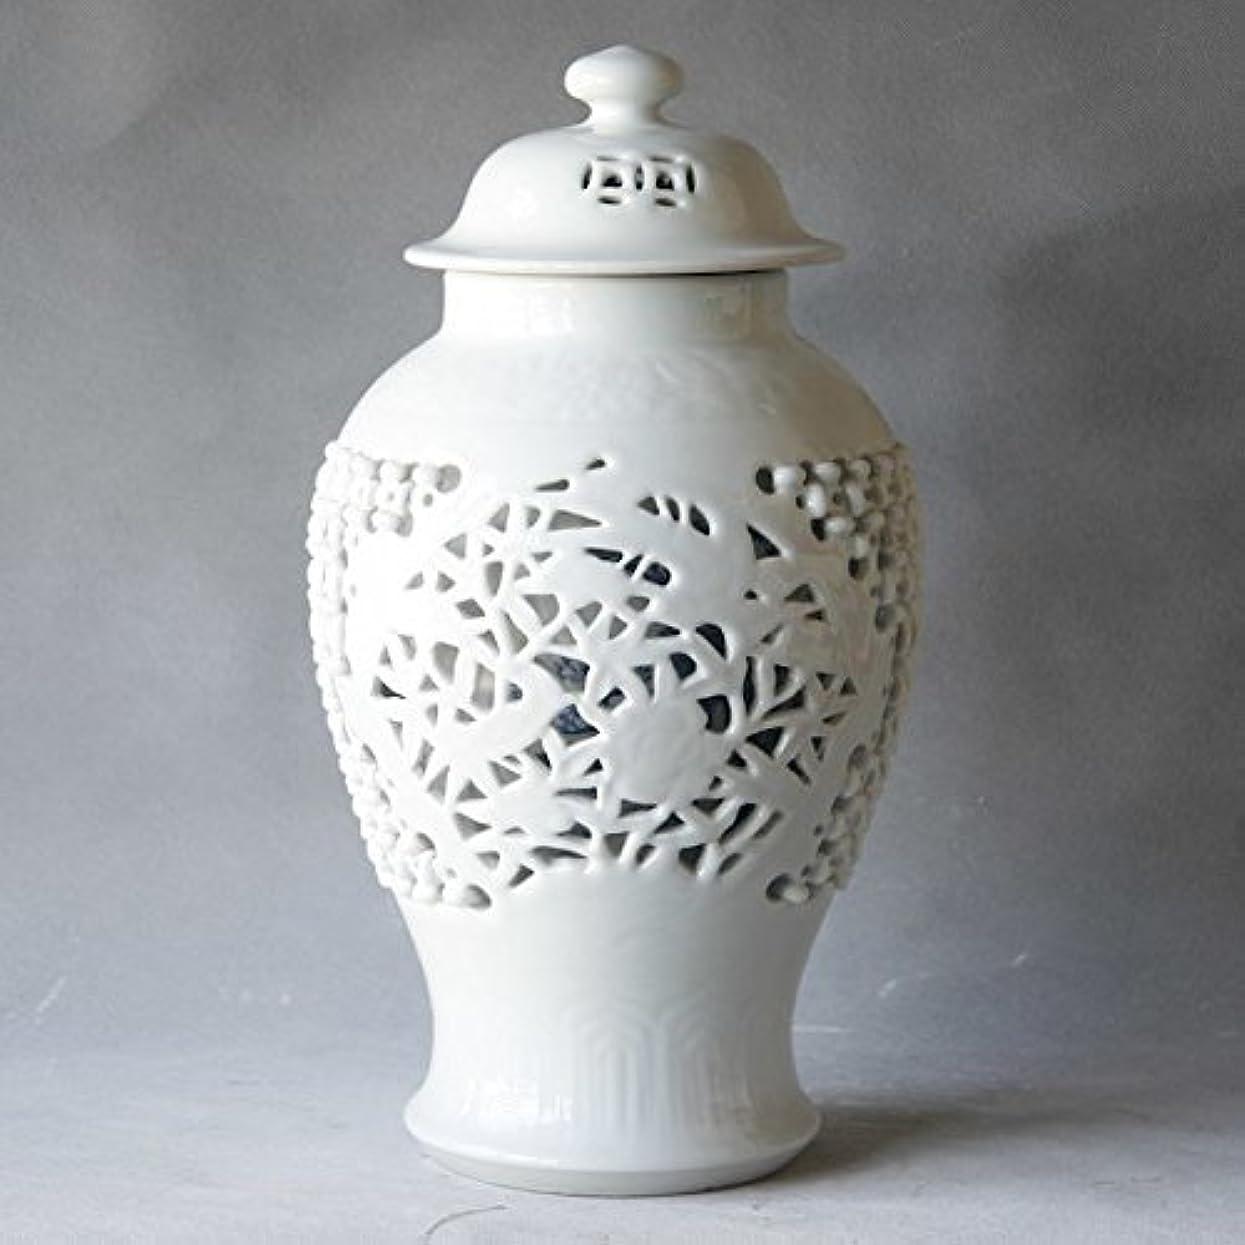 モニターマイコン従うアジアTraditional ChineseセラミックホワイトCarvedノット魅力的なTemple Jar